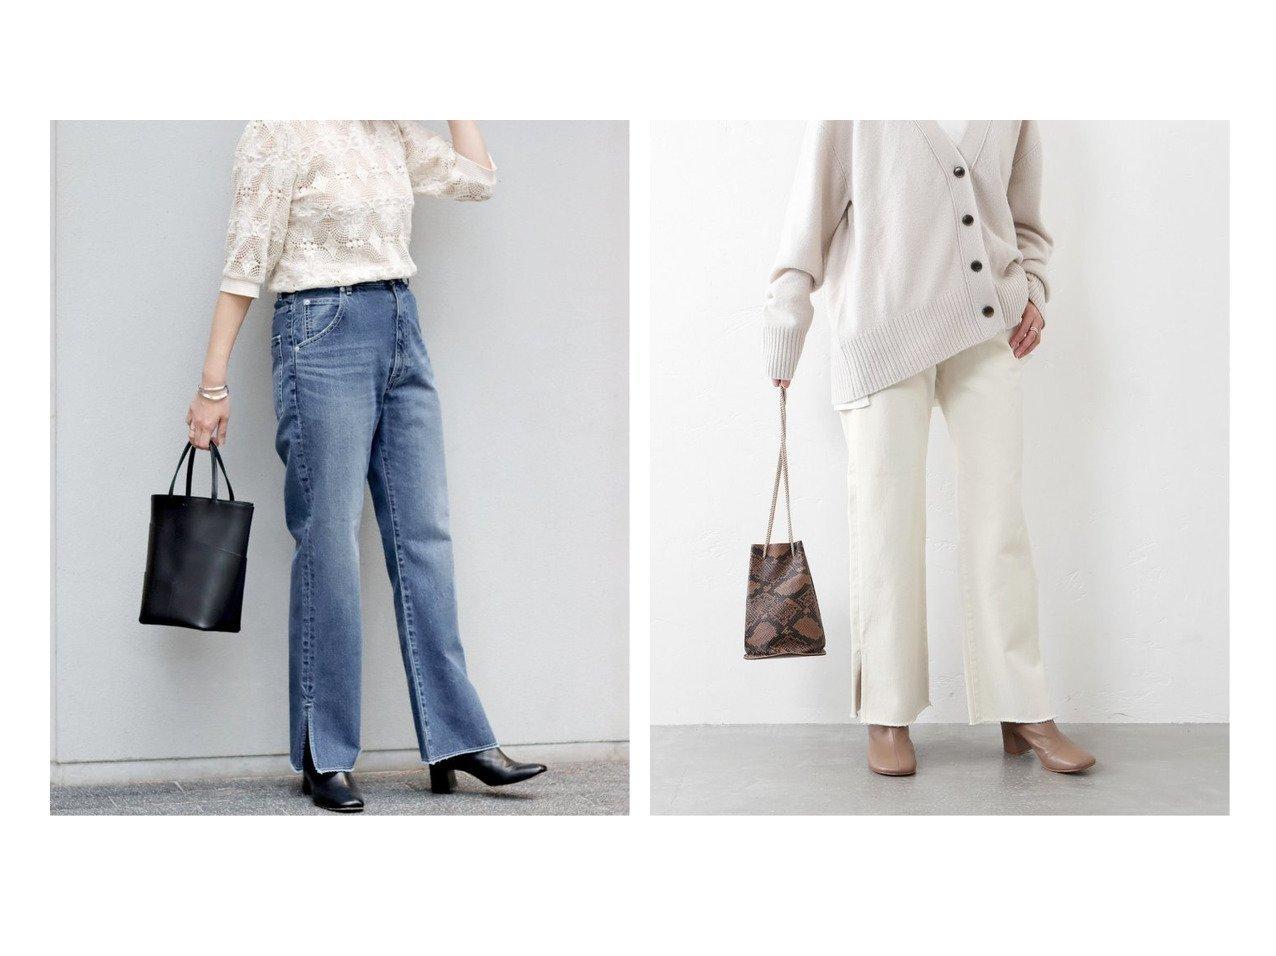 【JOURNAL STANDARD/ジャーナルスタンダード】のサイドスリットデニムパンツ ジャーナルスタンダードのおすすめ!人気、トレンド・レディースファッションの通販  おすすめで人気の流行・トレンド、ファッションの通販商品 メンズファッション・キッズファッション・インテリア・家具・レディースファッション・服の通販 founy(ファニー) https://founy.com/ ファッション Fashion レディースファッション WOMEN パンツ Pants デニムパンツ Denim Pants 2020年 2020 2020-2021 秋冬 A/W AW Autumn/Winter / FW Fall-Winter 2020-2021 A/W 秋冬 AW Autumn/Winter / FW Fall-Winter ギャザー スリット スリム デニム トレンド フリル レース ロマンティック |ID:crp329100000020904